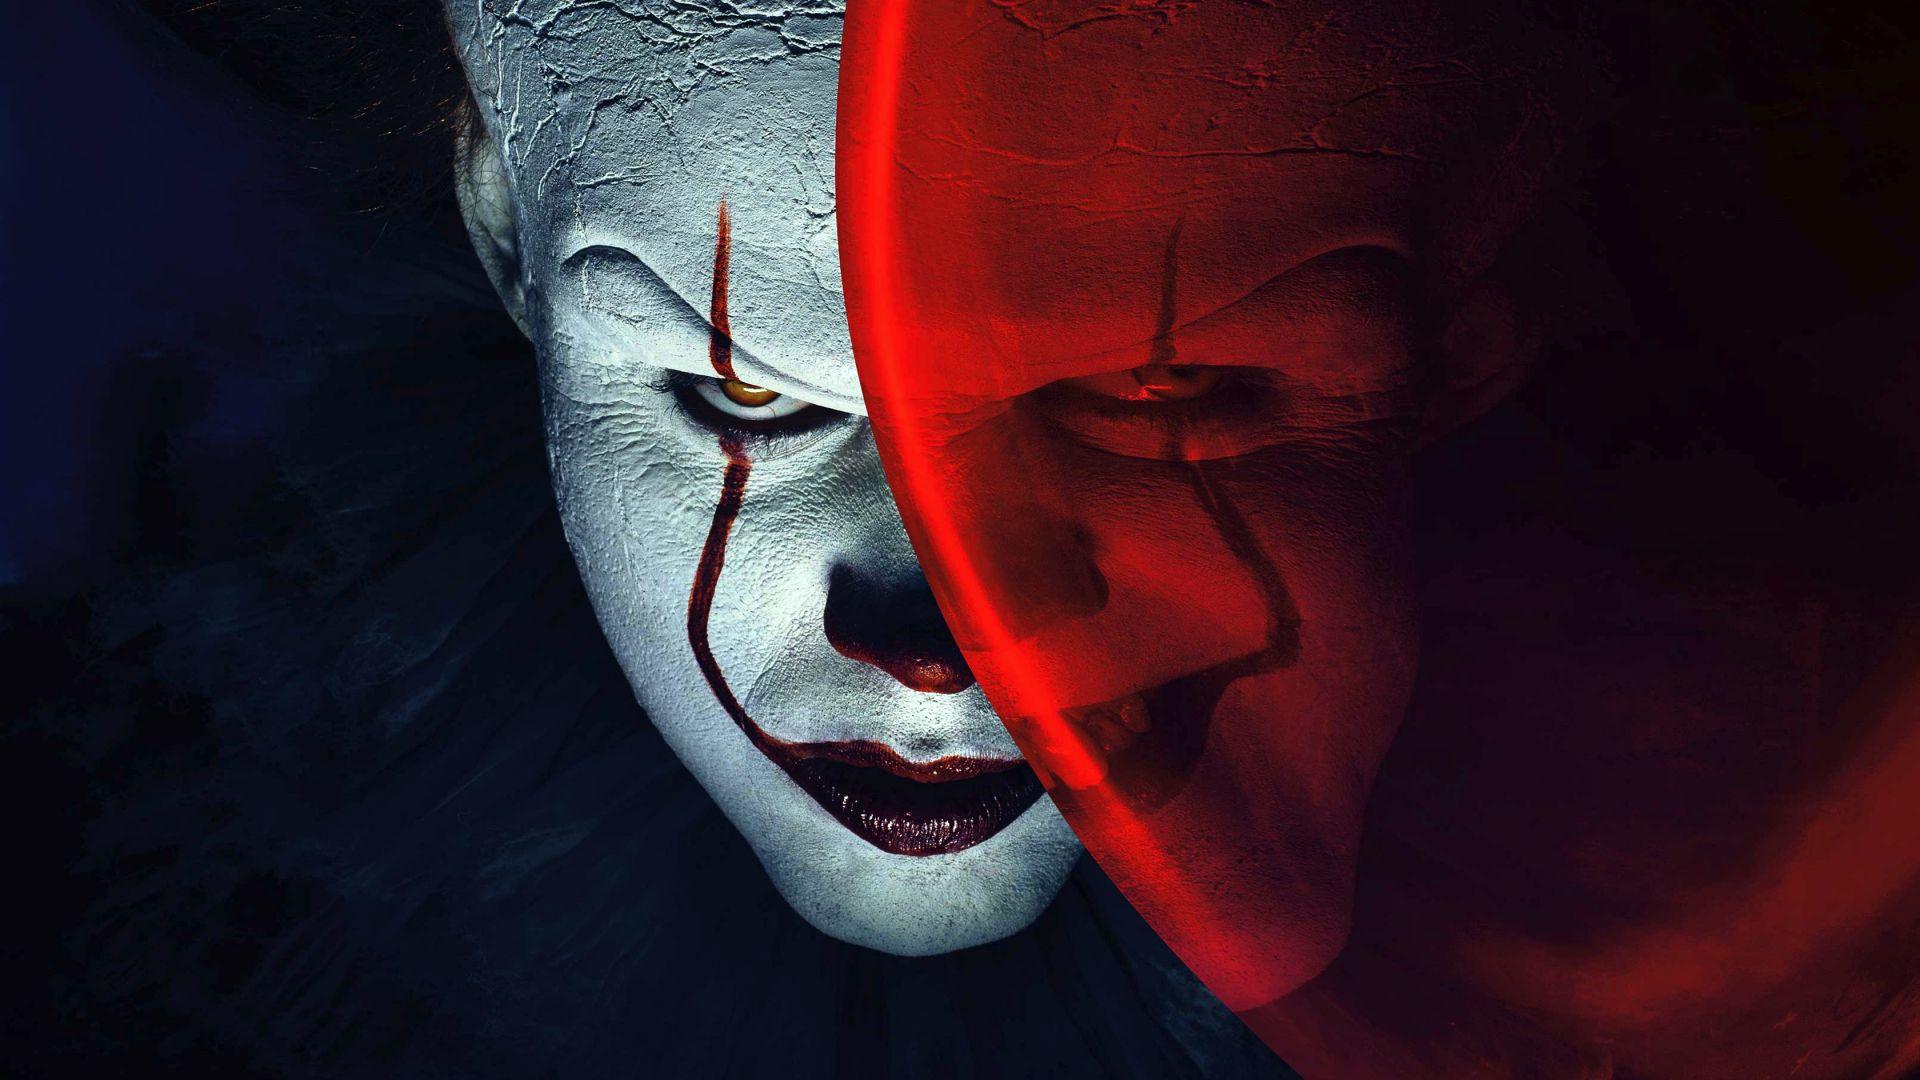 Desktop Wallpaper Joker Clowns It Balloon Movie 4k Hd